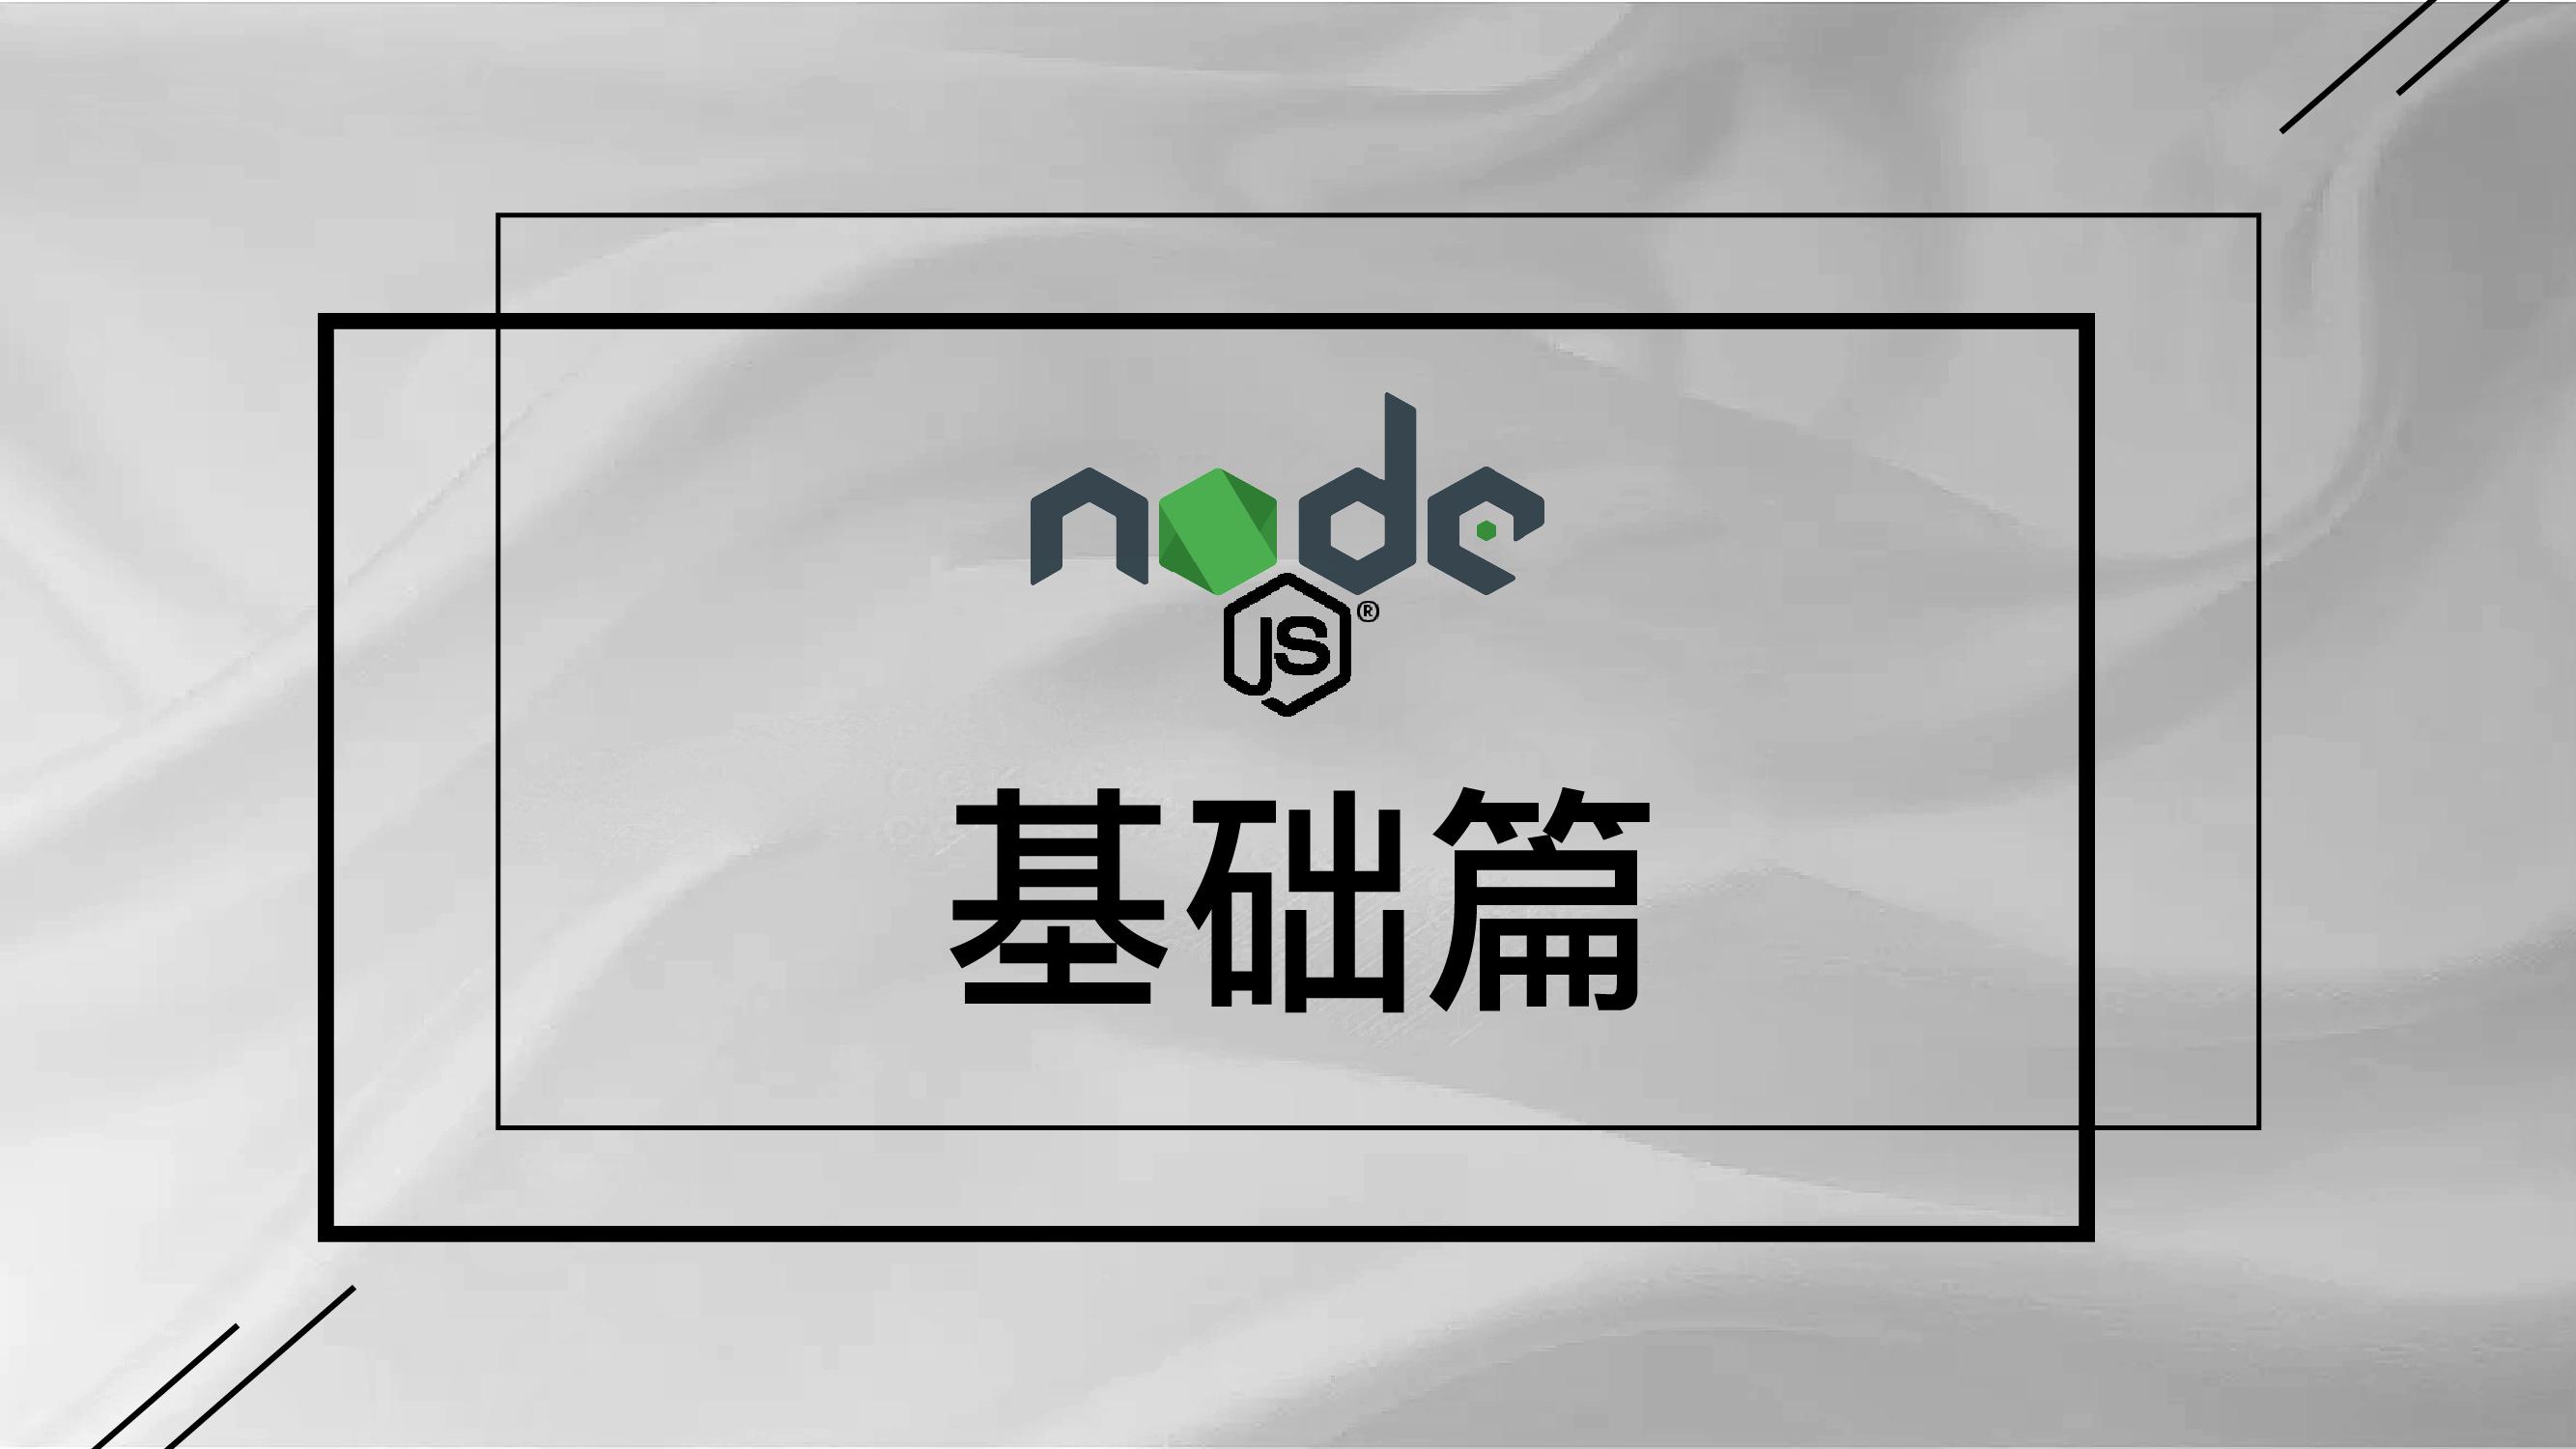 轻松学 Nodejs - 基础篇免费视频教程